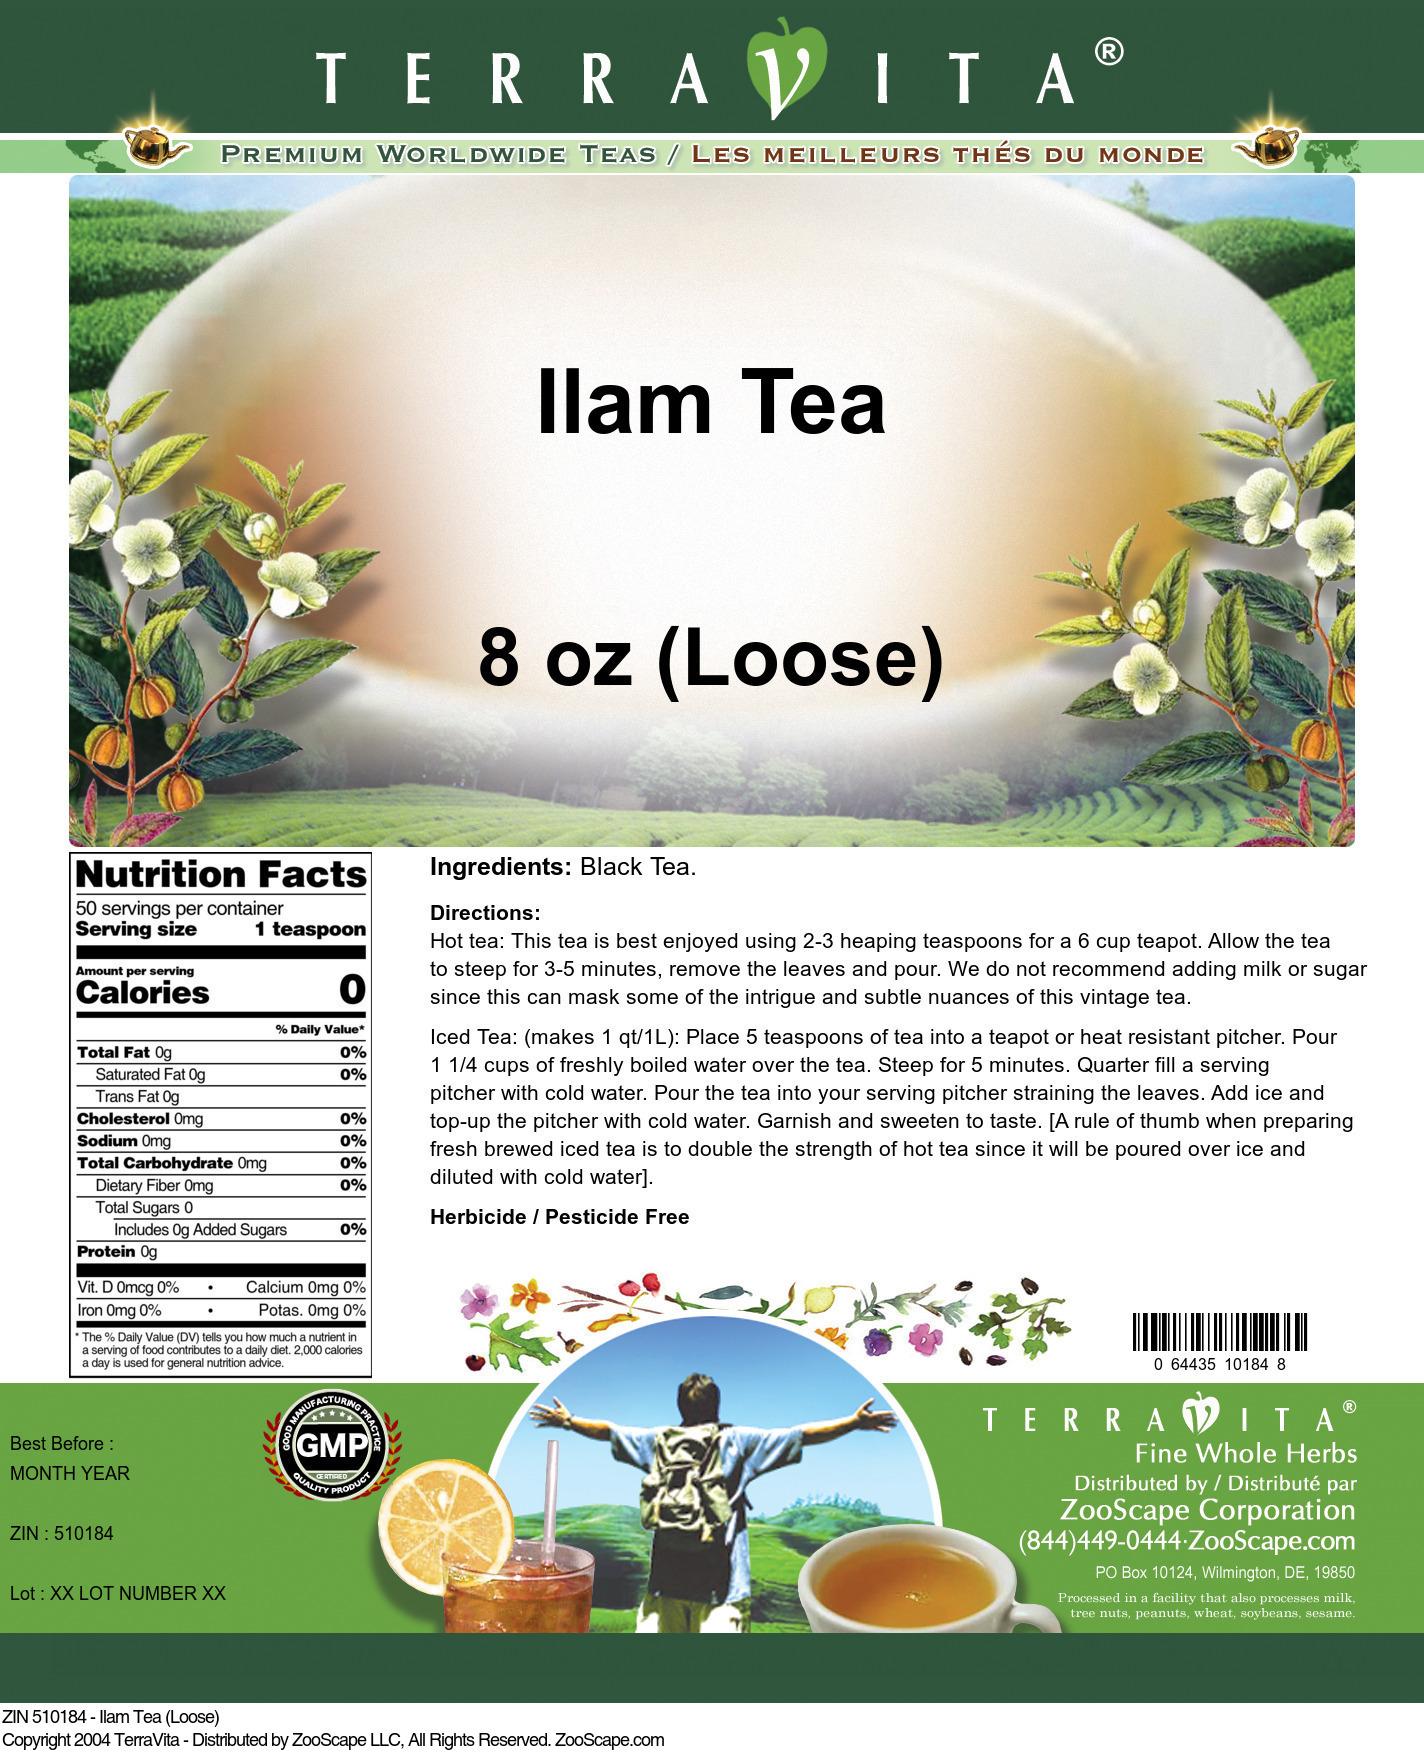 Ilam Tea (Loose)